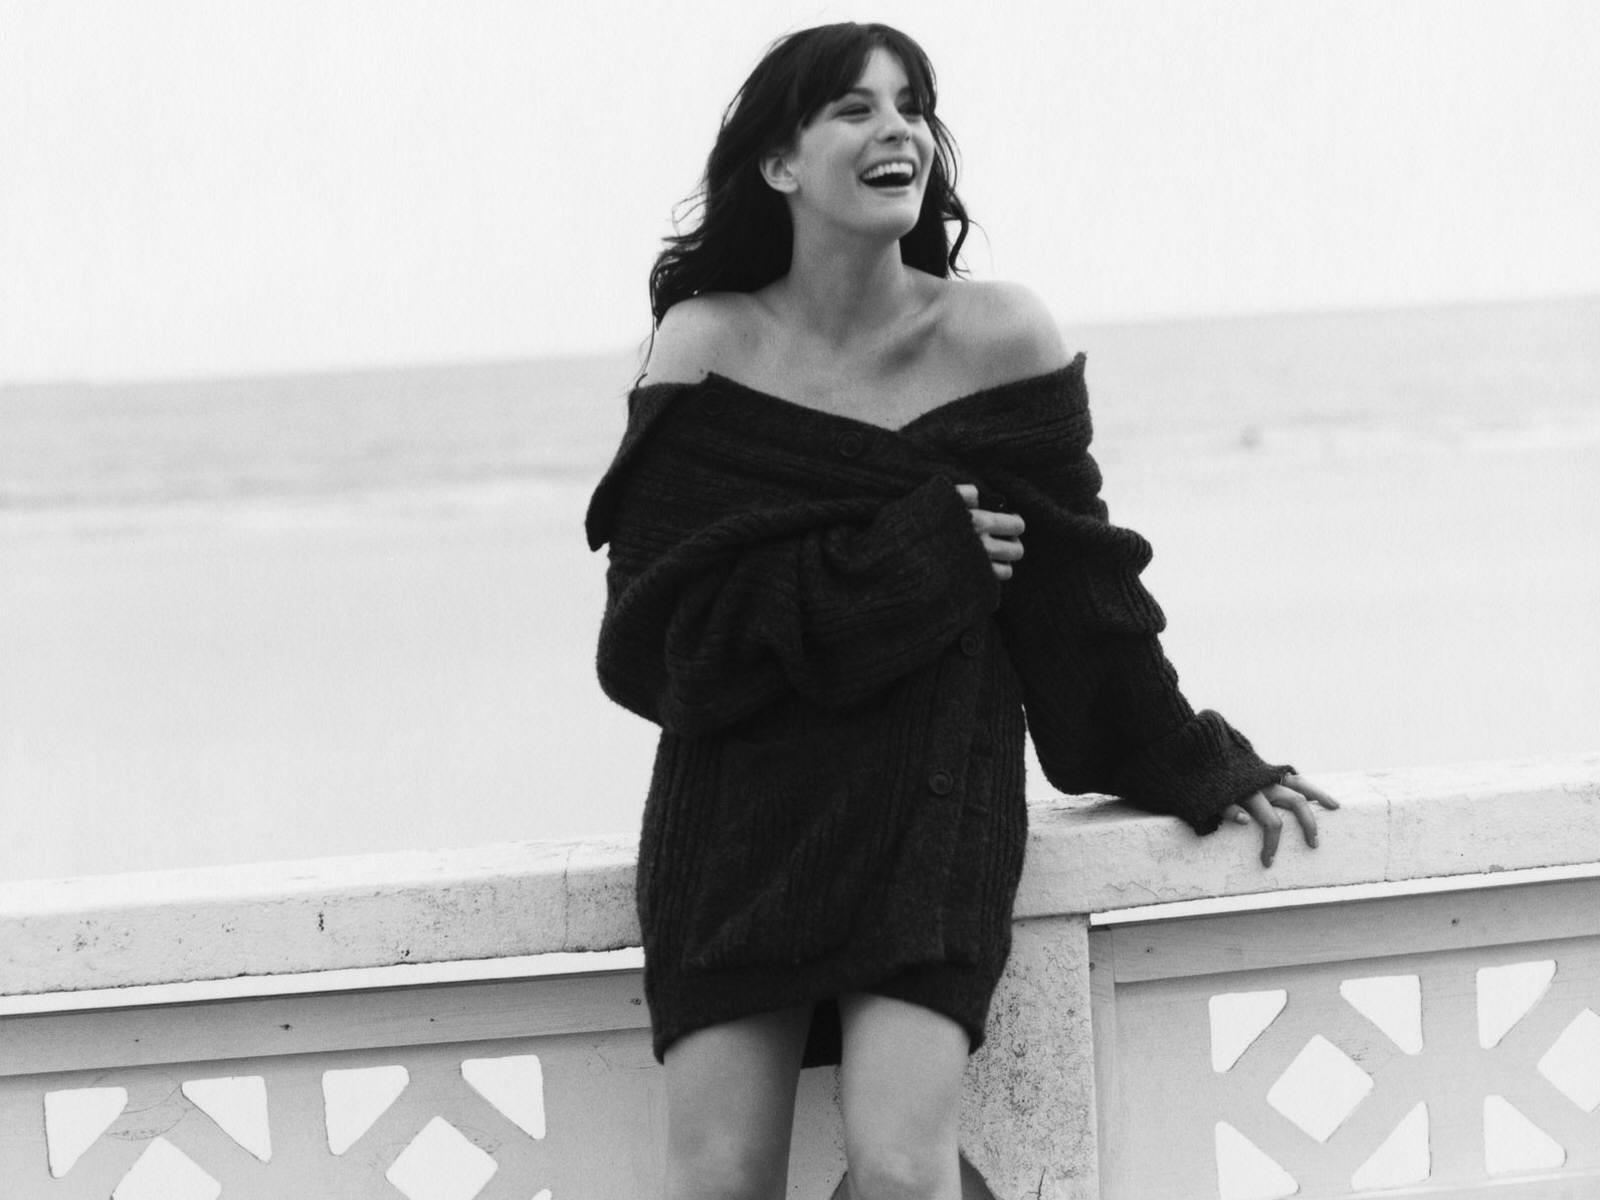 Wallpaper di Liv Tyler con un seducente ritratto in bianco e nero dell'attrice